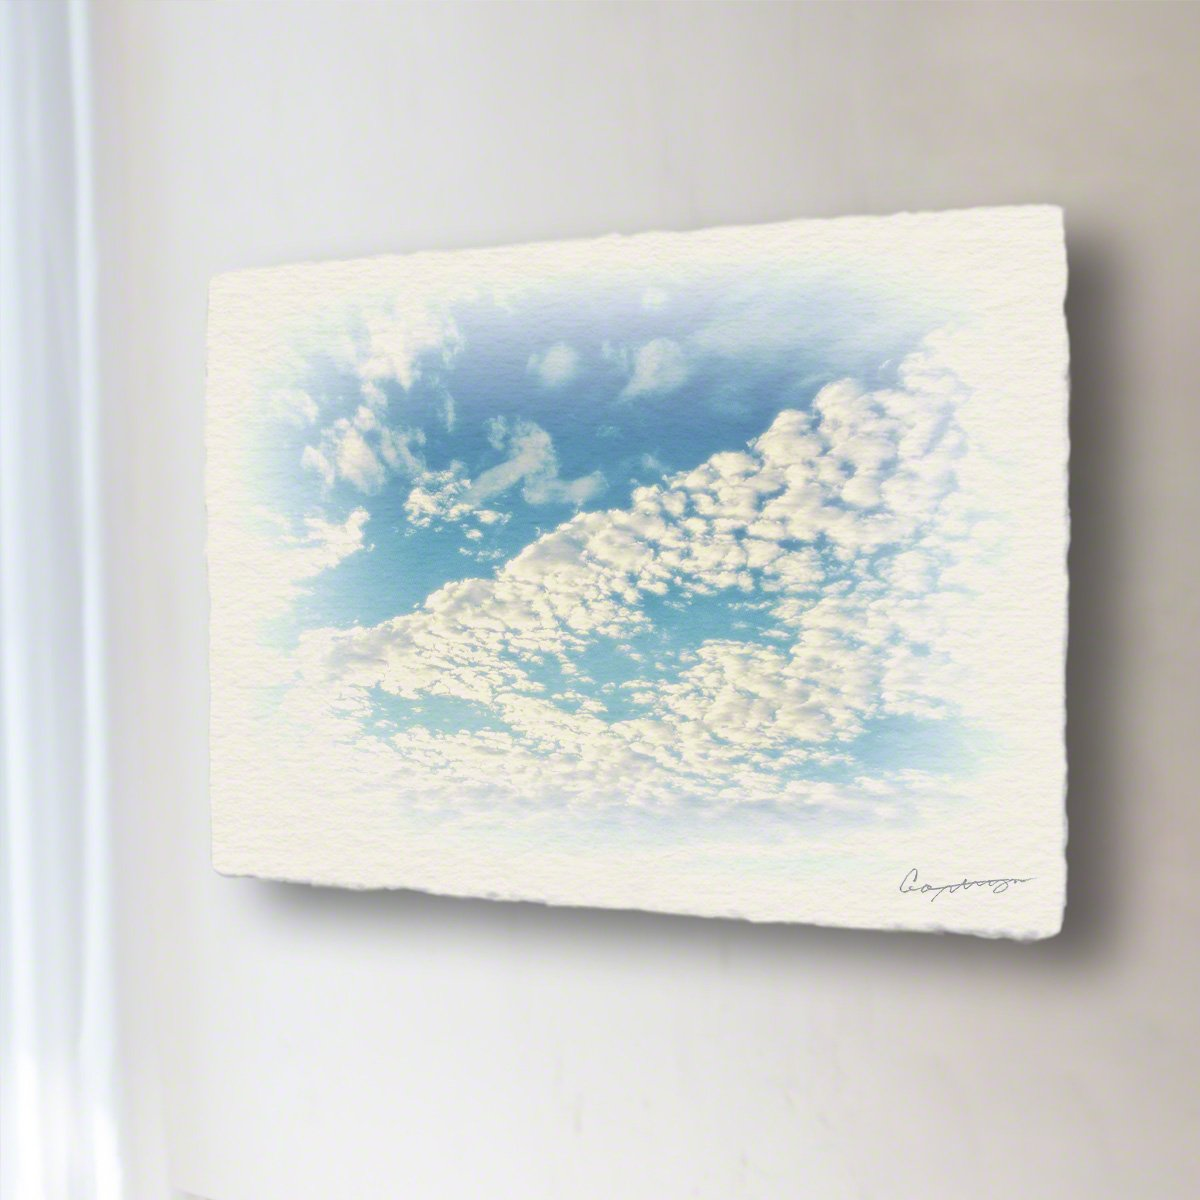 和紙 アートパネル 「青空に輝くうろこ雲」 (48x36cm) 絵 絵画 壁掛け 壁飾り インテリア アート B074XCK4NT 15.アートパネル(長辺54cm) 29800円|青空に輝くうろこ雲 青空に輝くうろこ雲 15.アートパネル(長辺54cm) 29800円